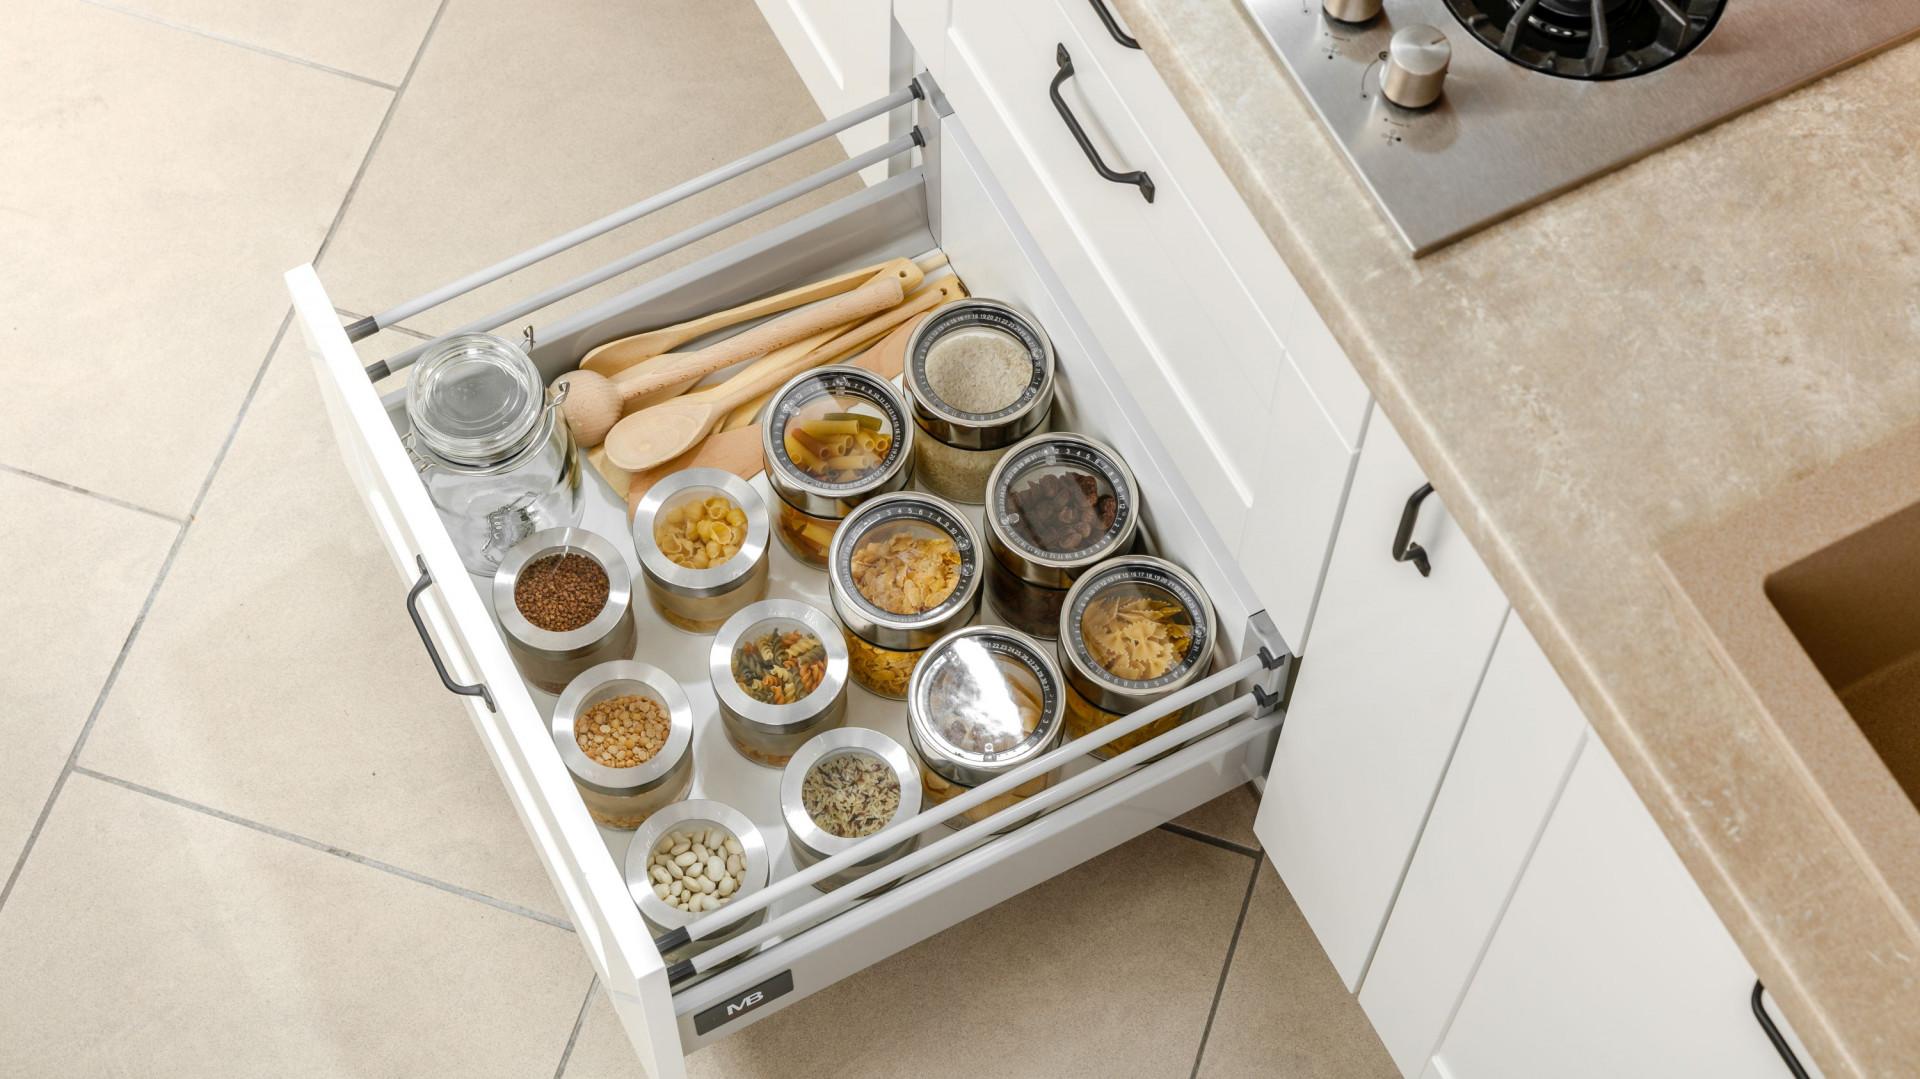 Kuchnia w małym mieszkaniu - funkcjonalne akcesoria meblowe